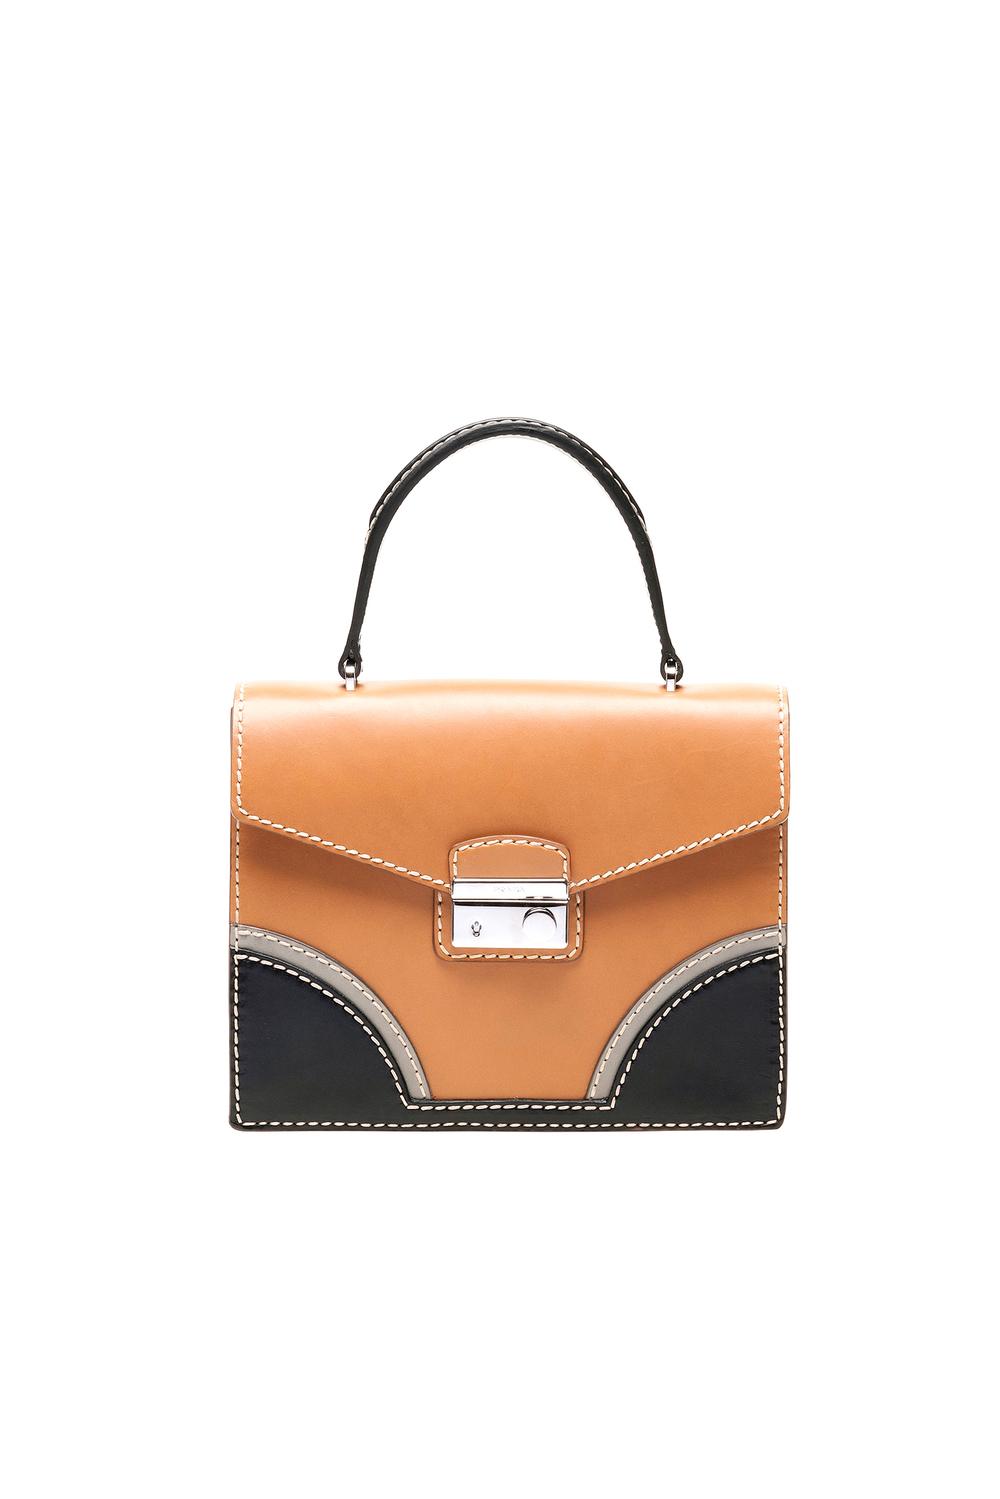 04-09-bags.jpg